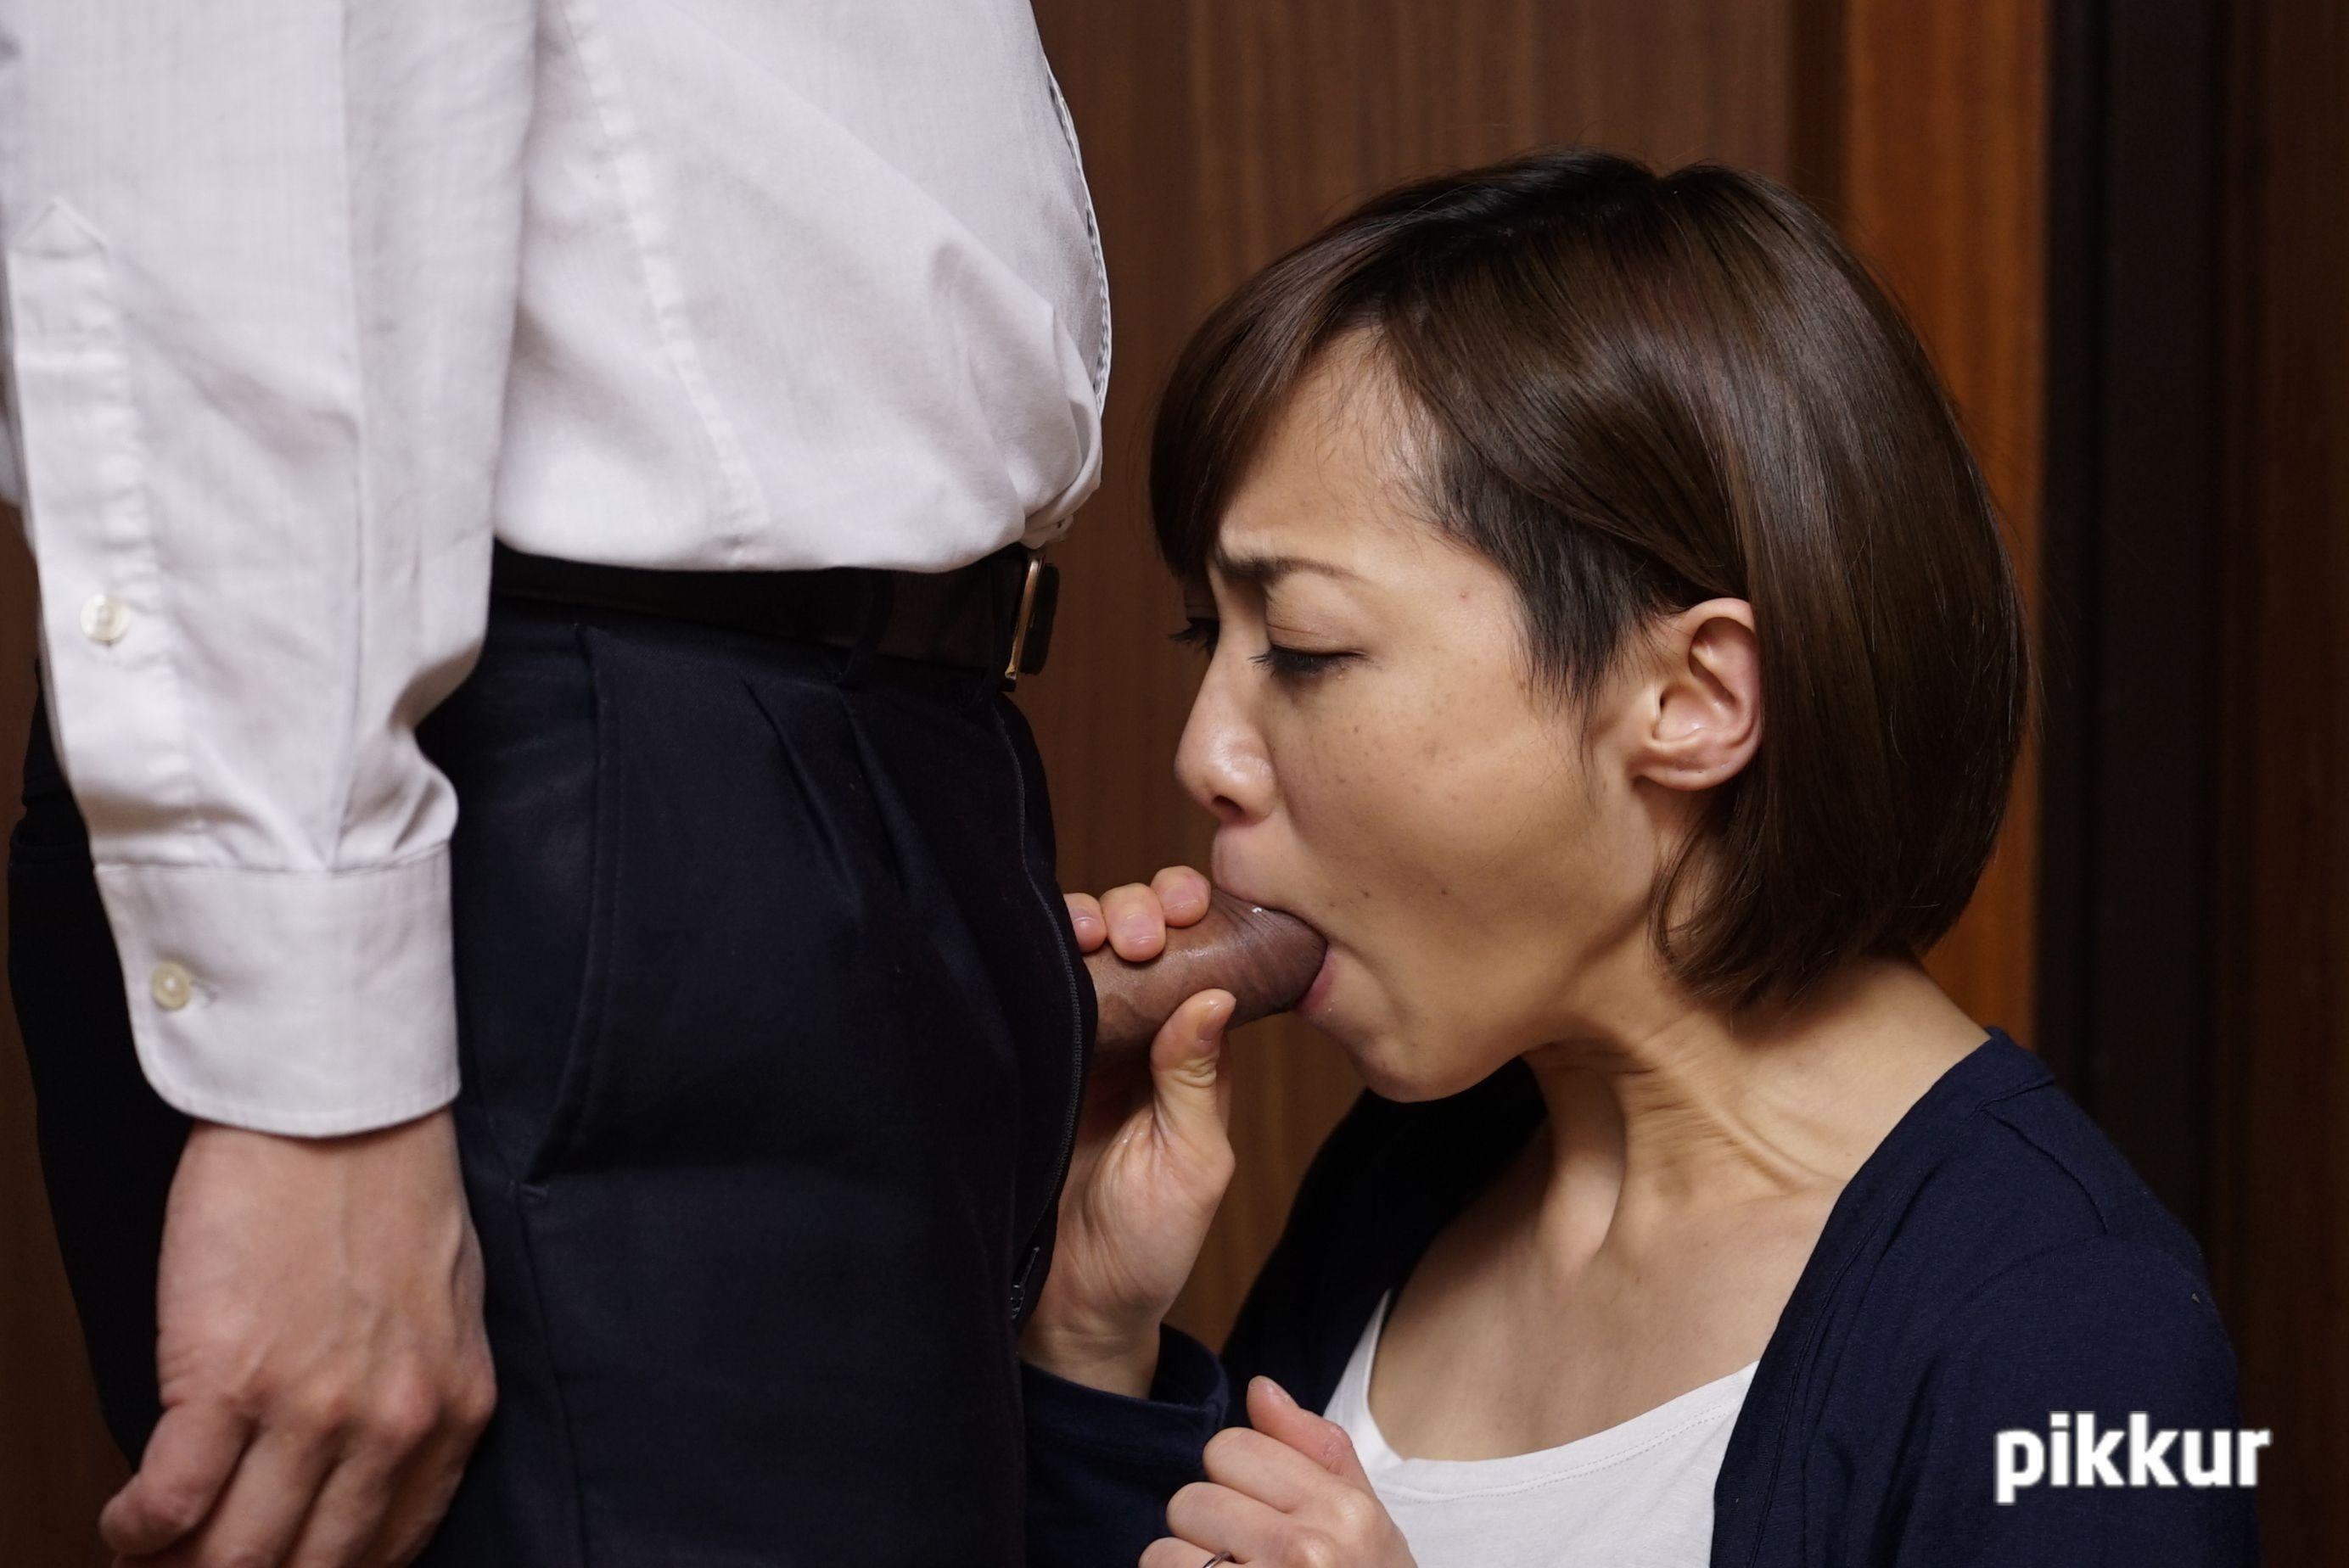 夫の目の前で妻が 〜結婚祝いにきた上司の罠〜 目々澤めぐ 02